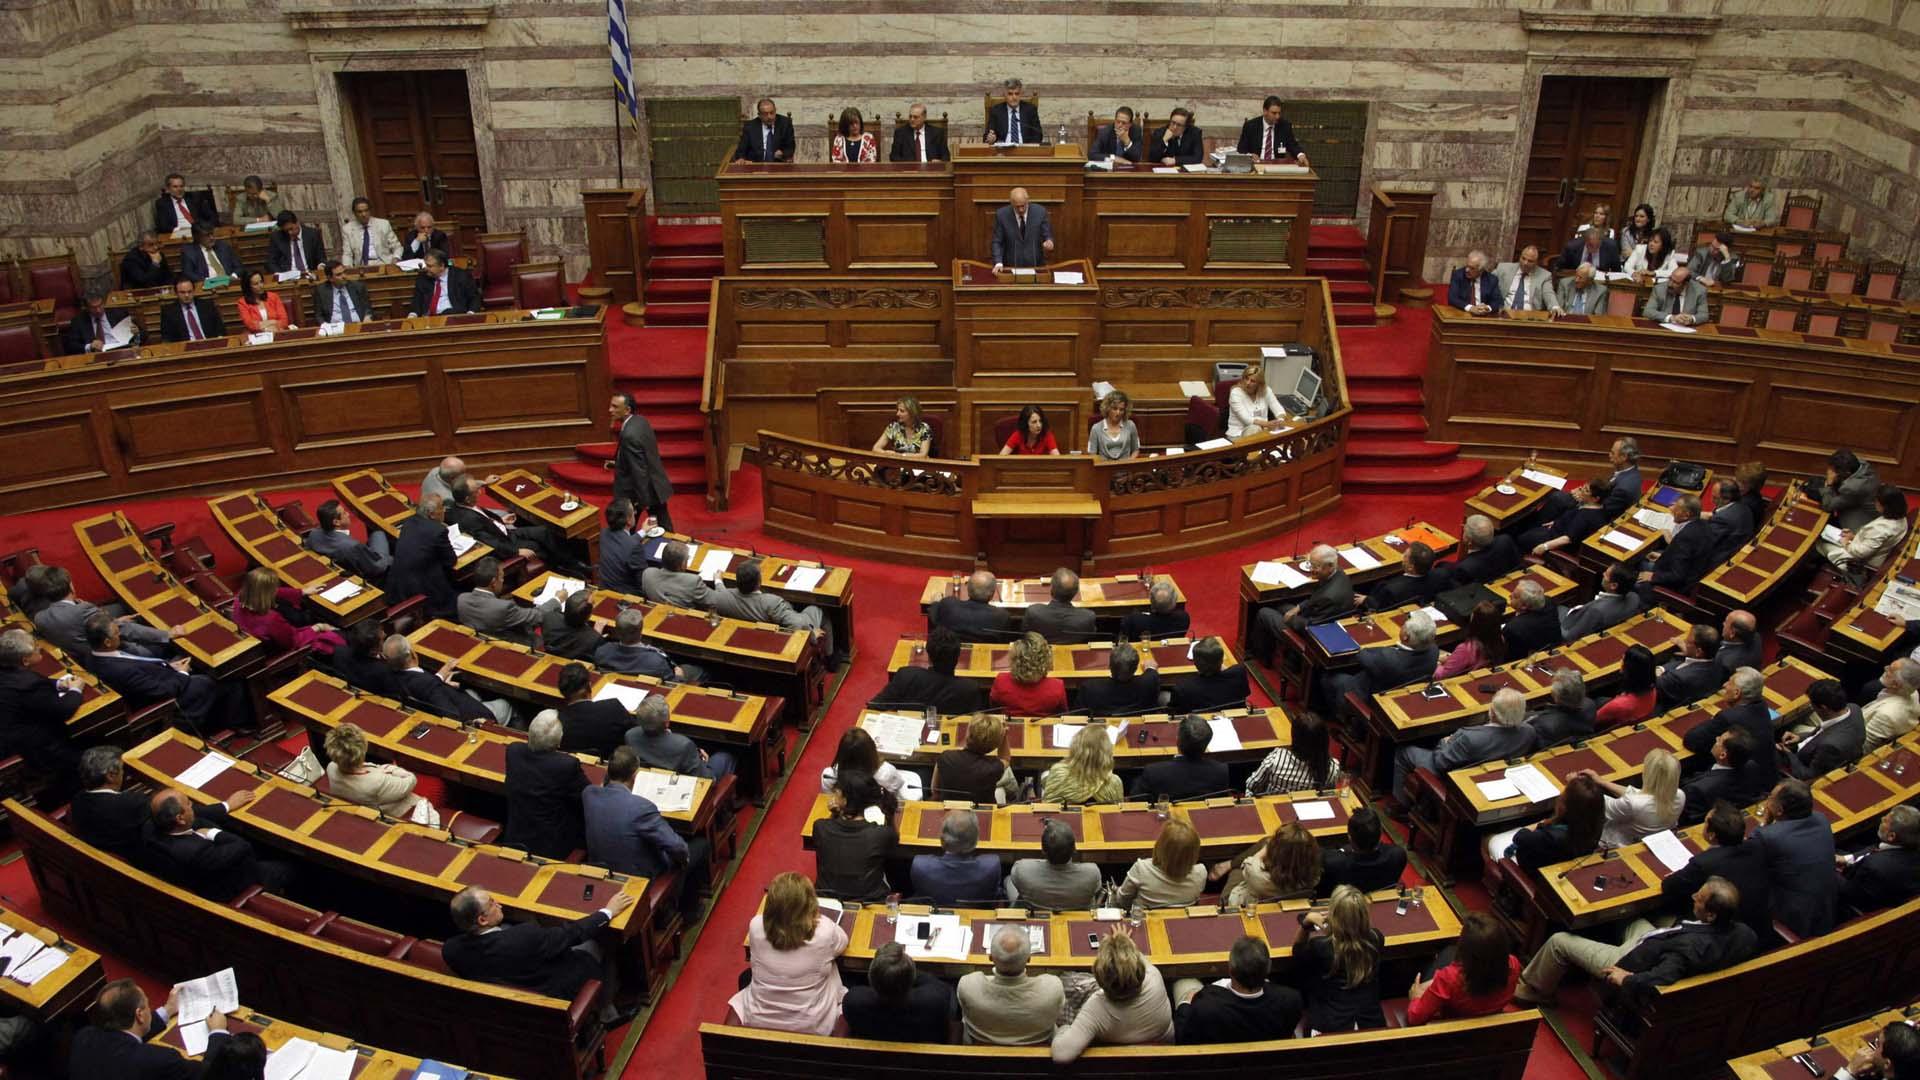 Grecia aprobó una ley que prevé la devolución de los migrantes que cruzaron ilegalmente la frontera luego del 20 de marzo